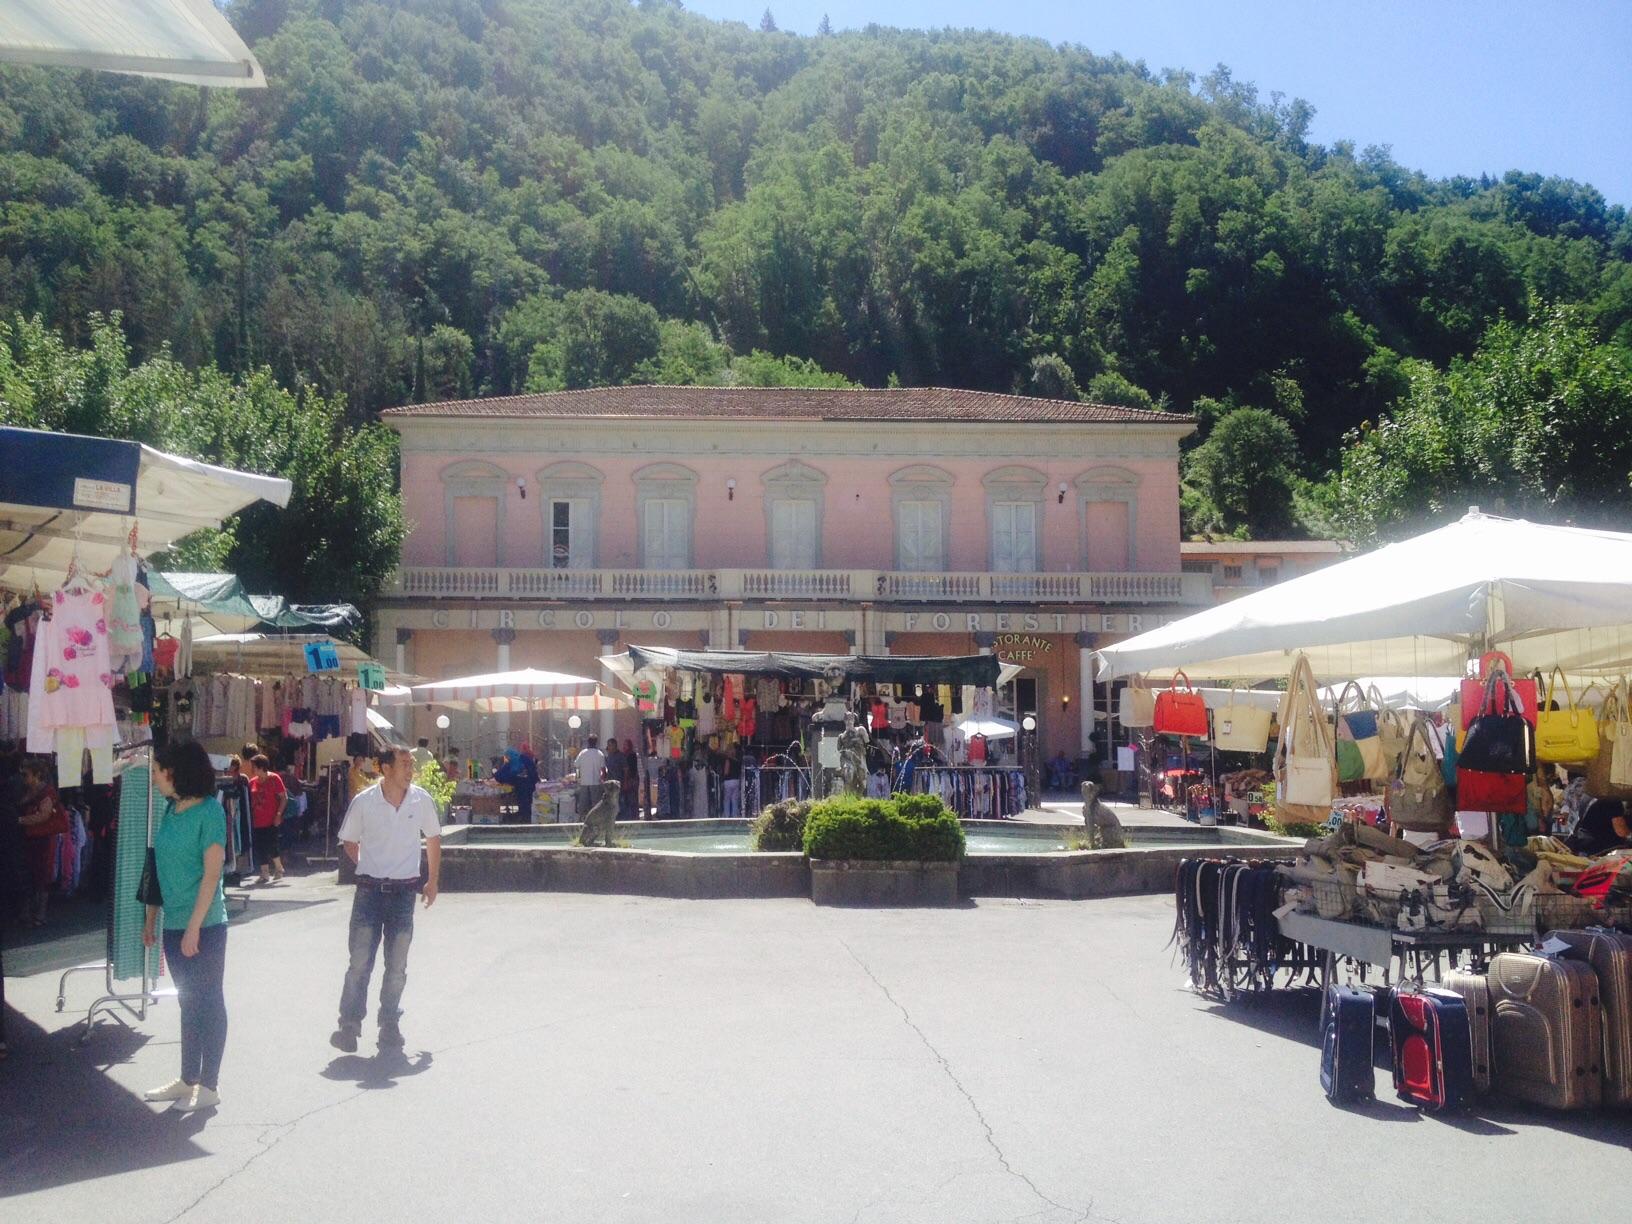 Market day in bagni di lucca bella bagni di lucca - Bagno di lucca ...